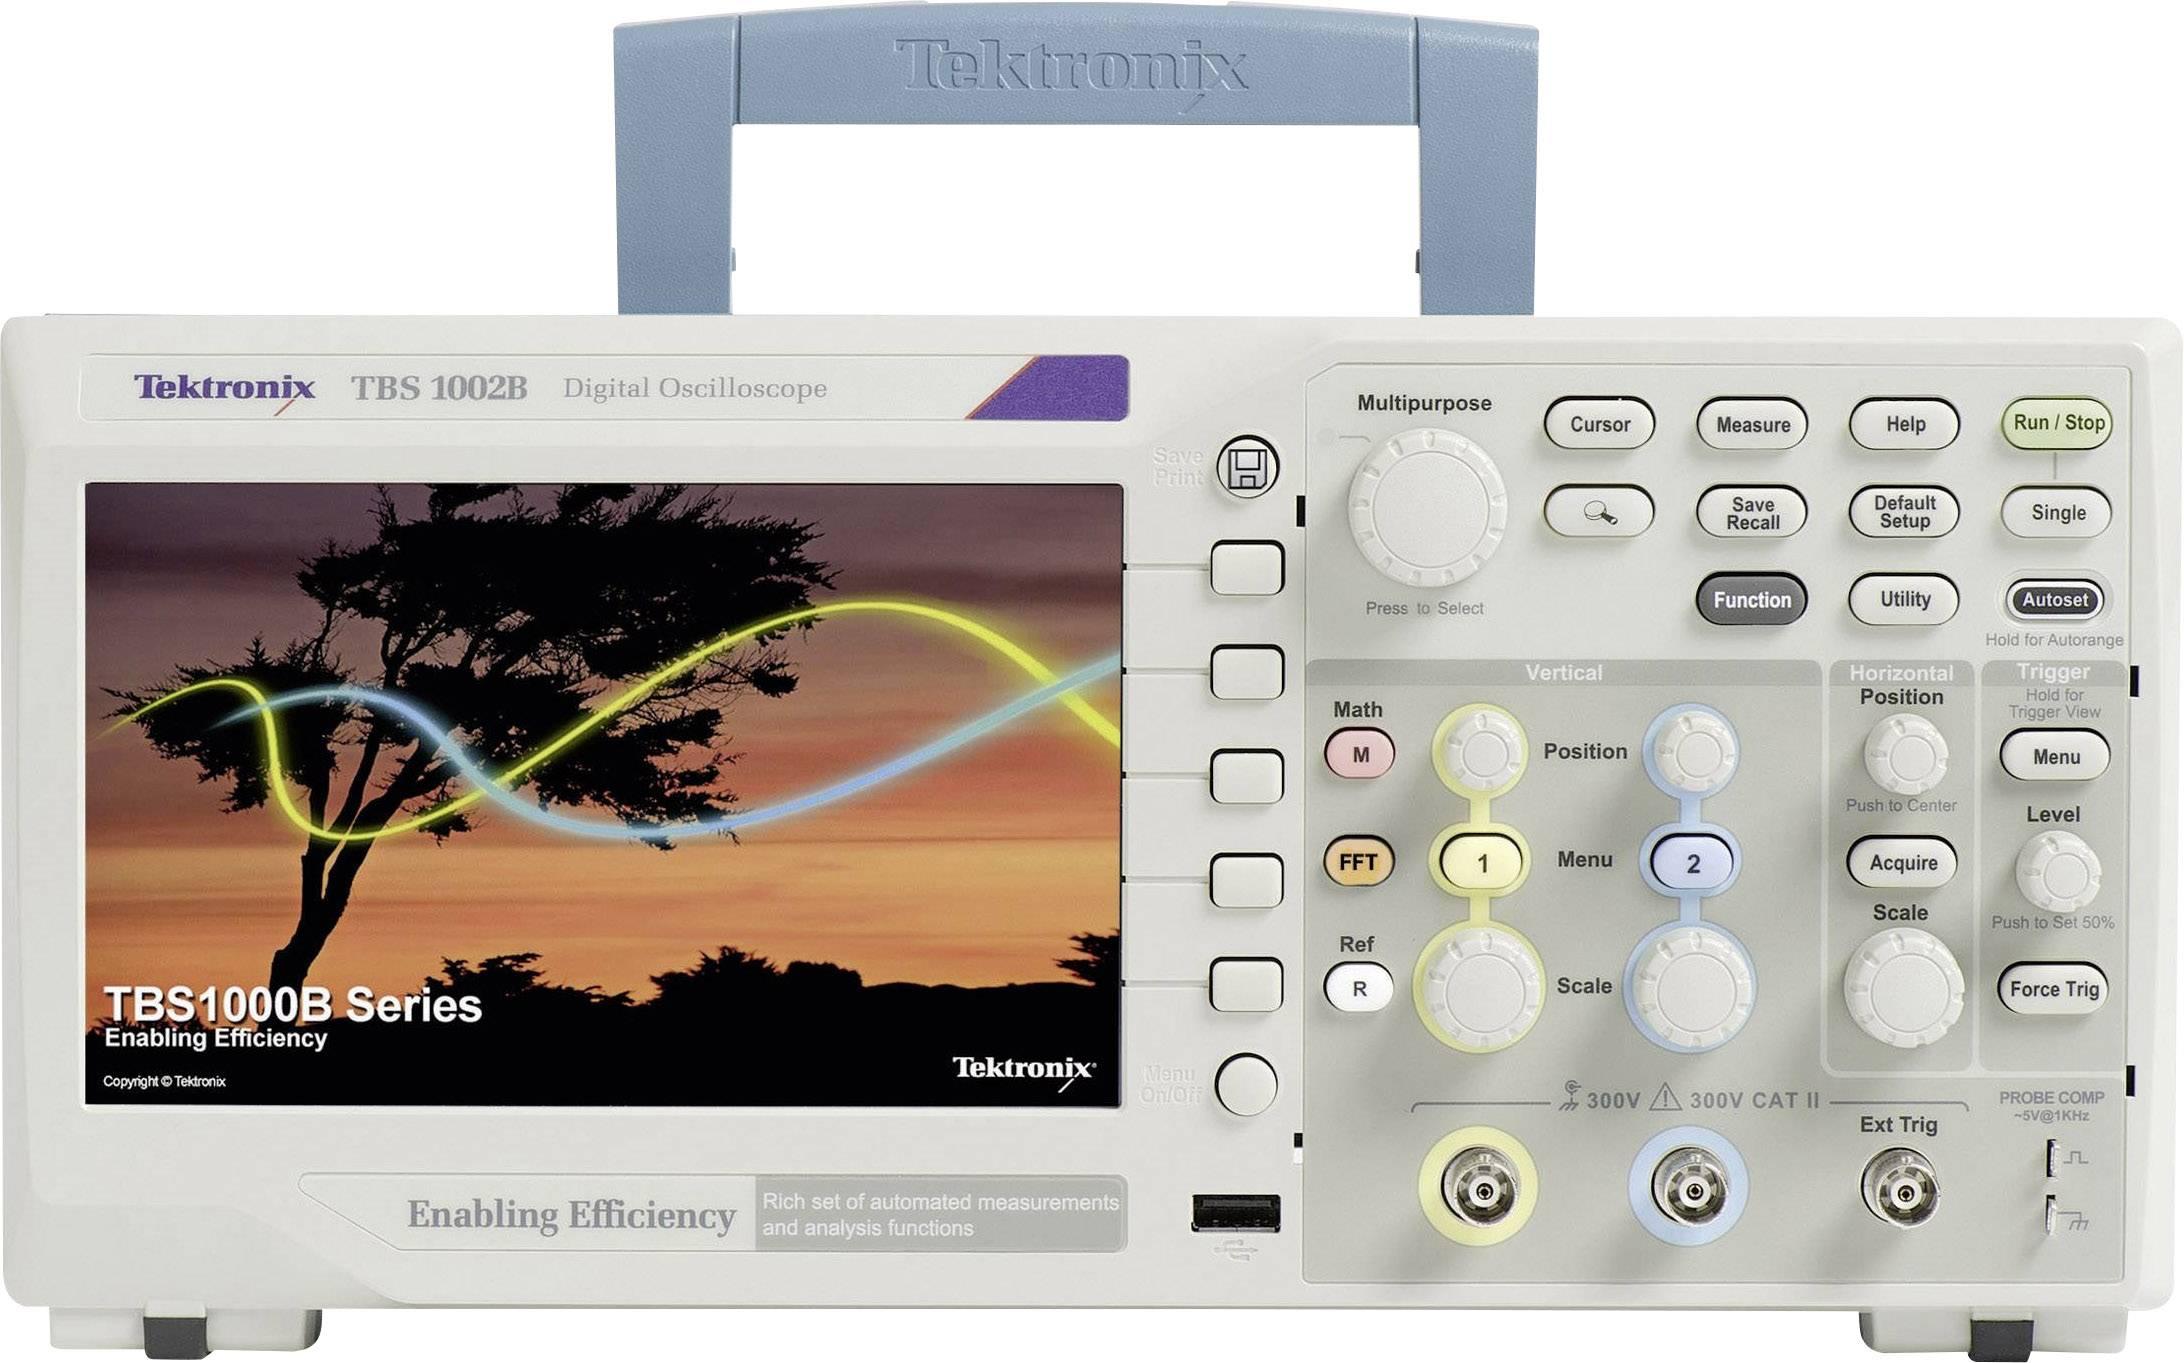 Digitální osciloskop Tektronix TBS1072B, 70 MHz, 2kanálový, kalibrováno dle ISO